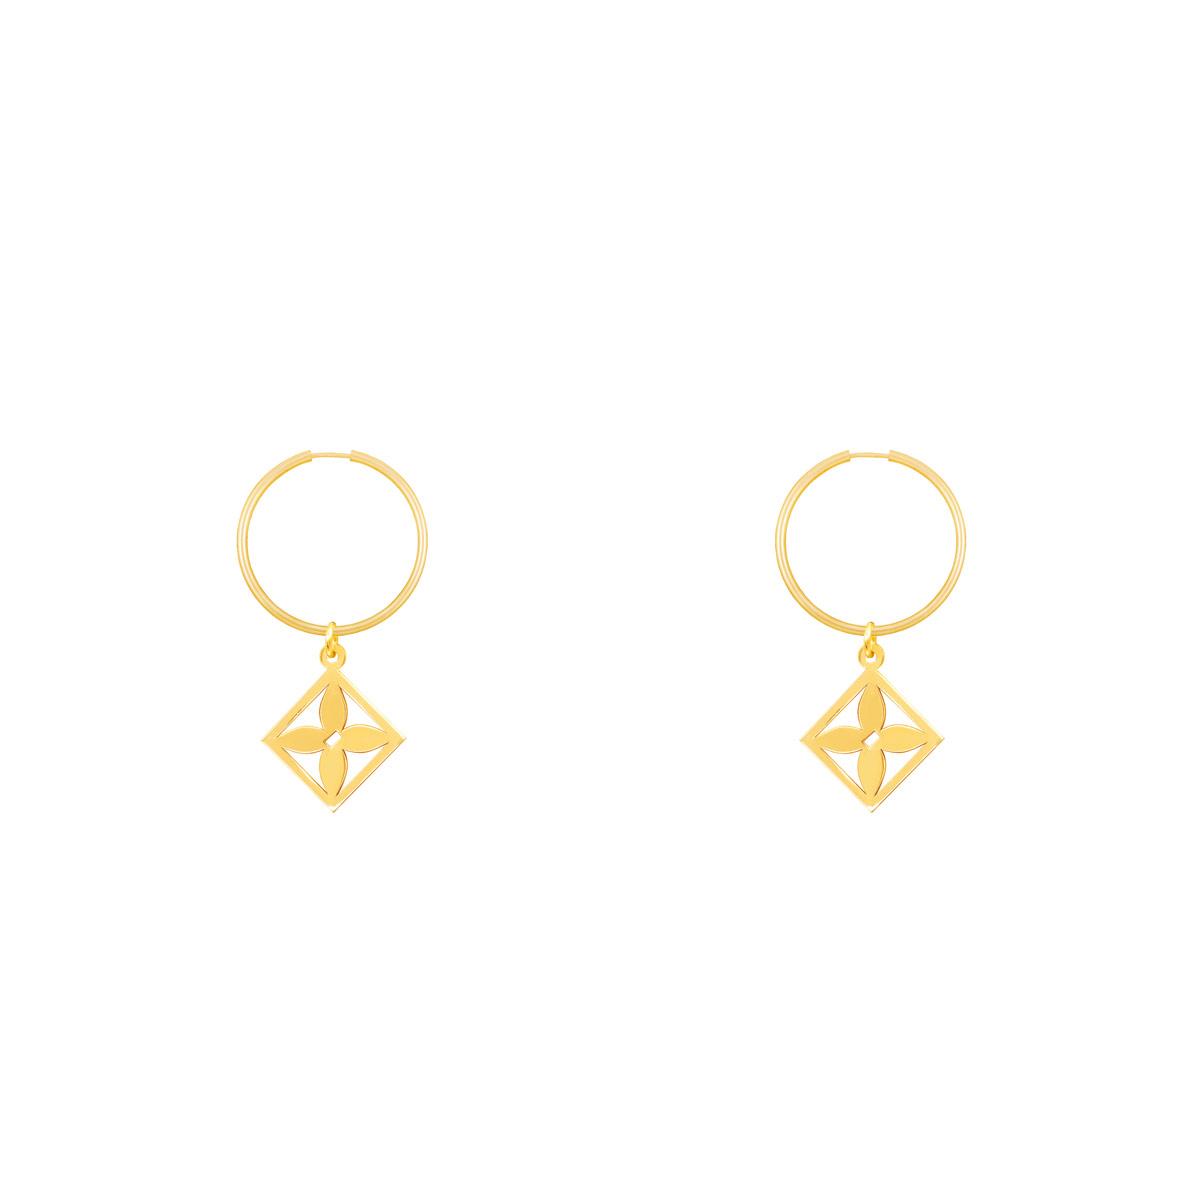 گوشواره طلا حلقه ای هور پرسته